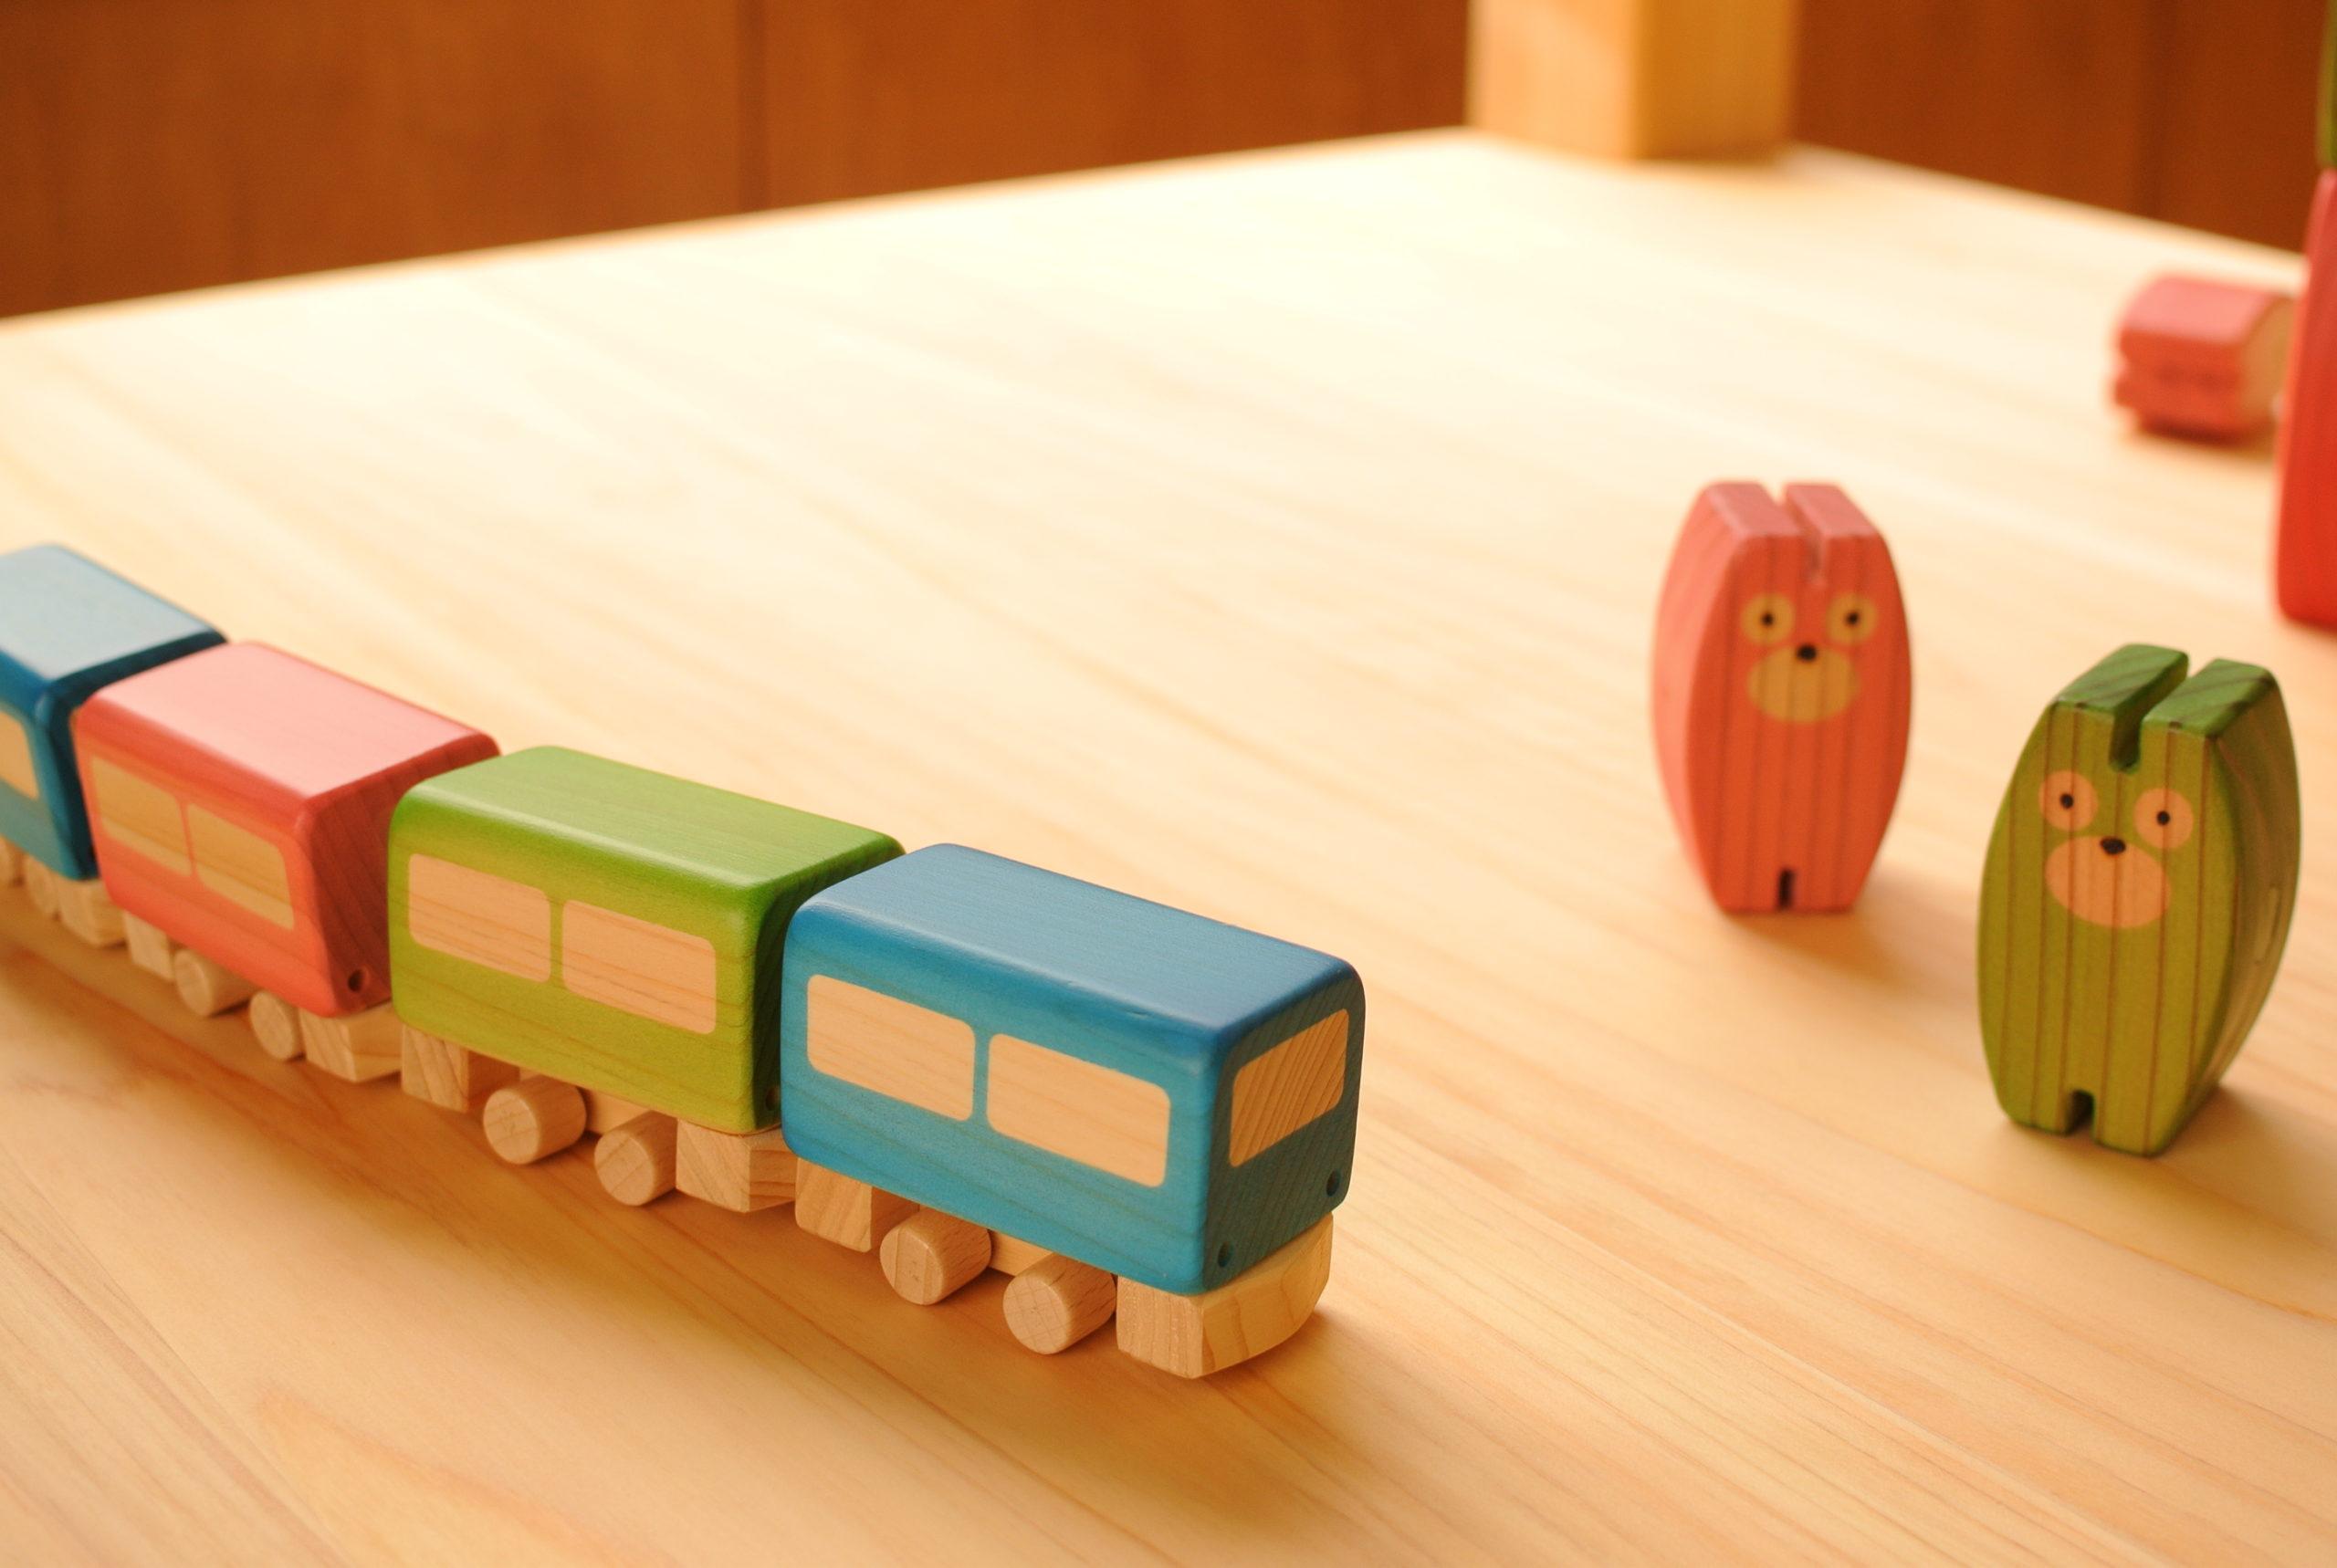 日本の木のおもちゃ